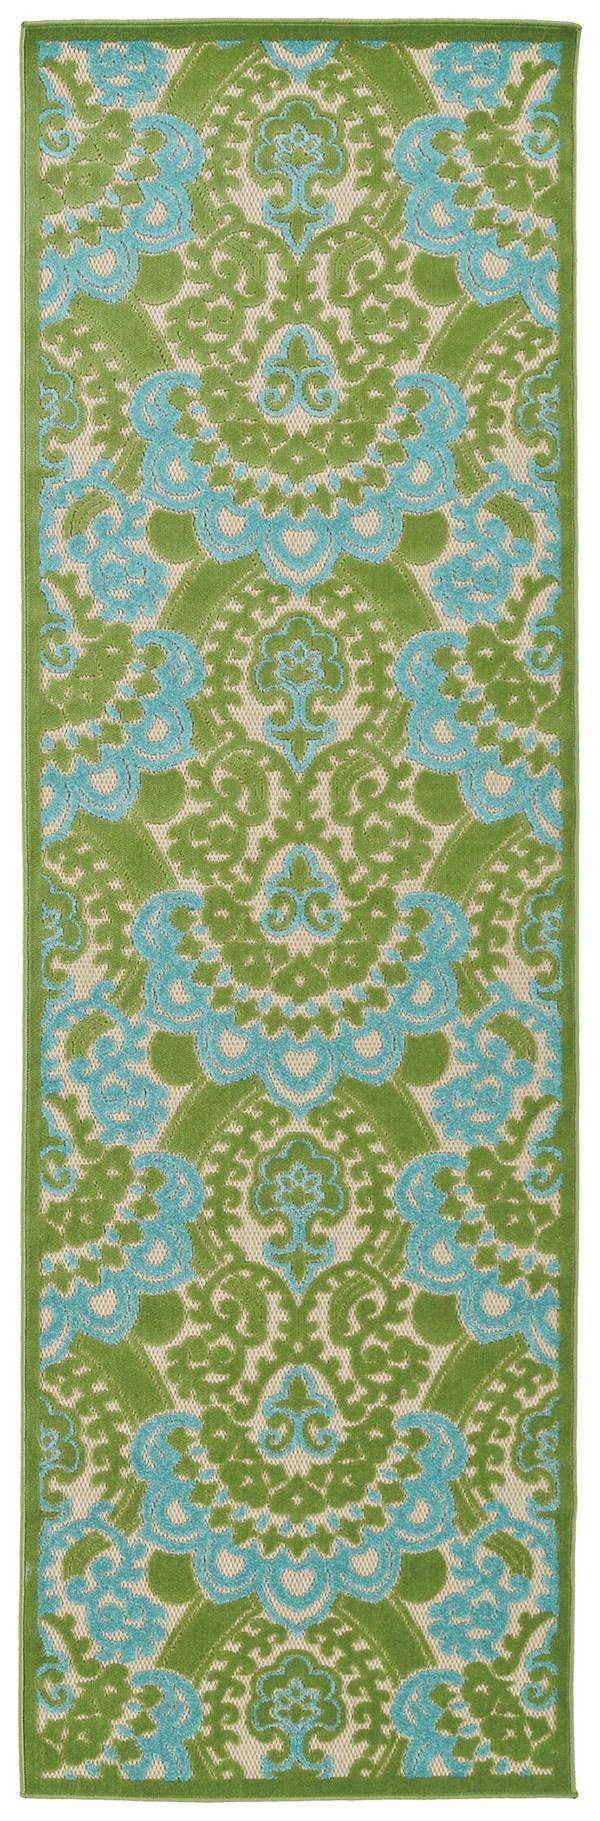 Green, Light Blue, Beige (50) Damask Area Rug